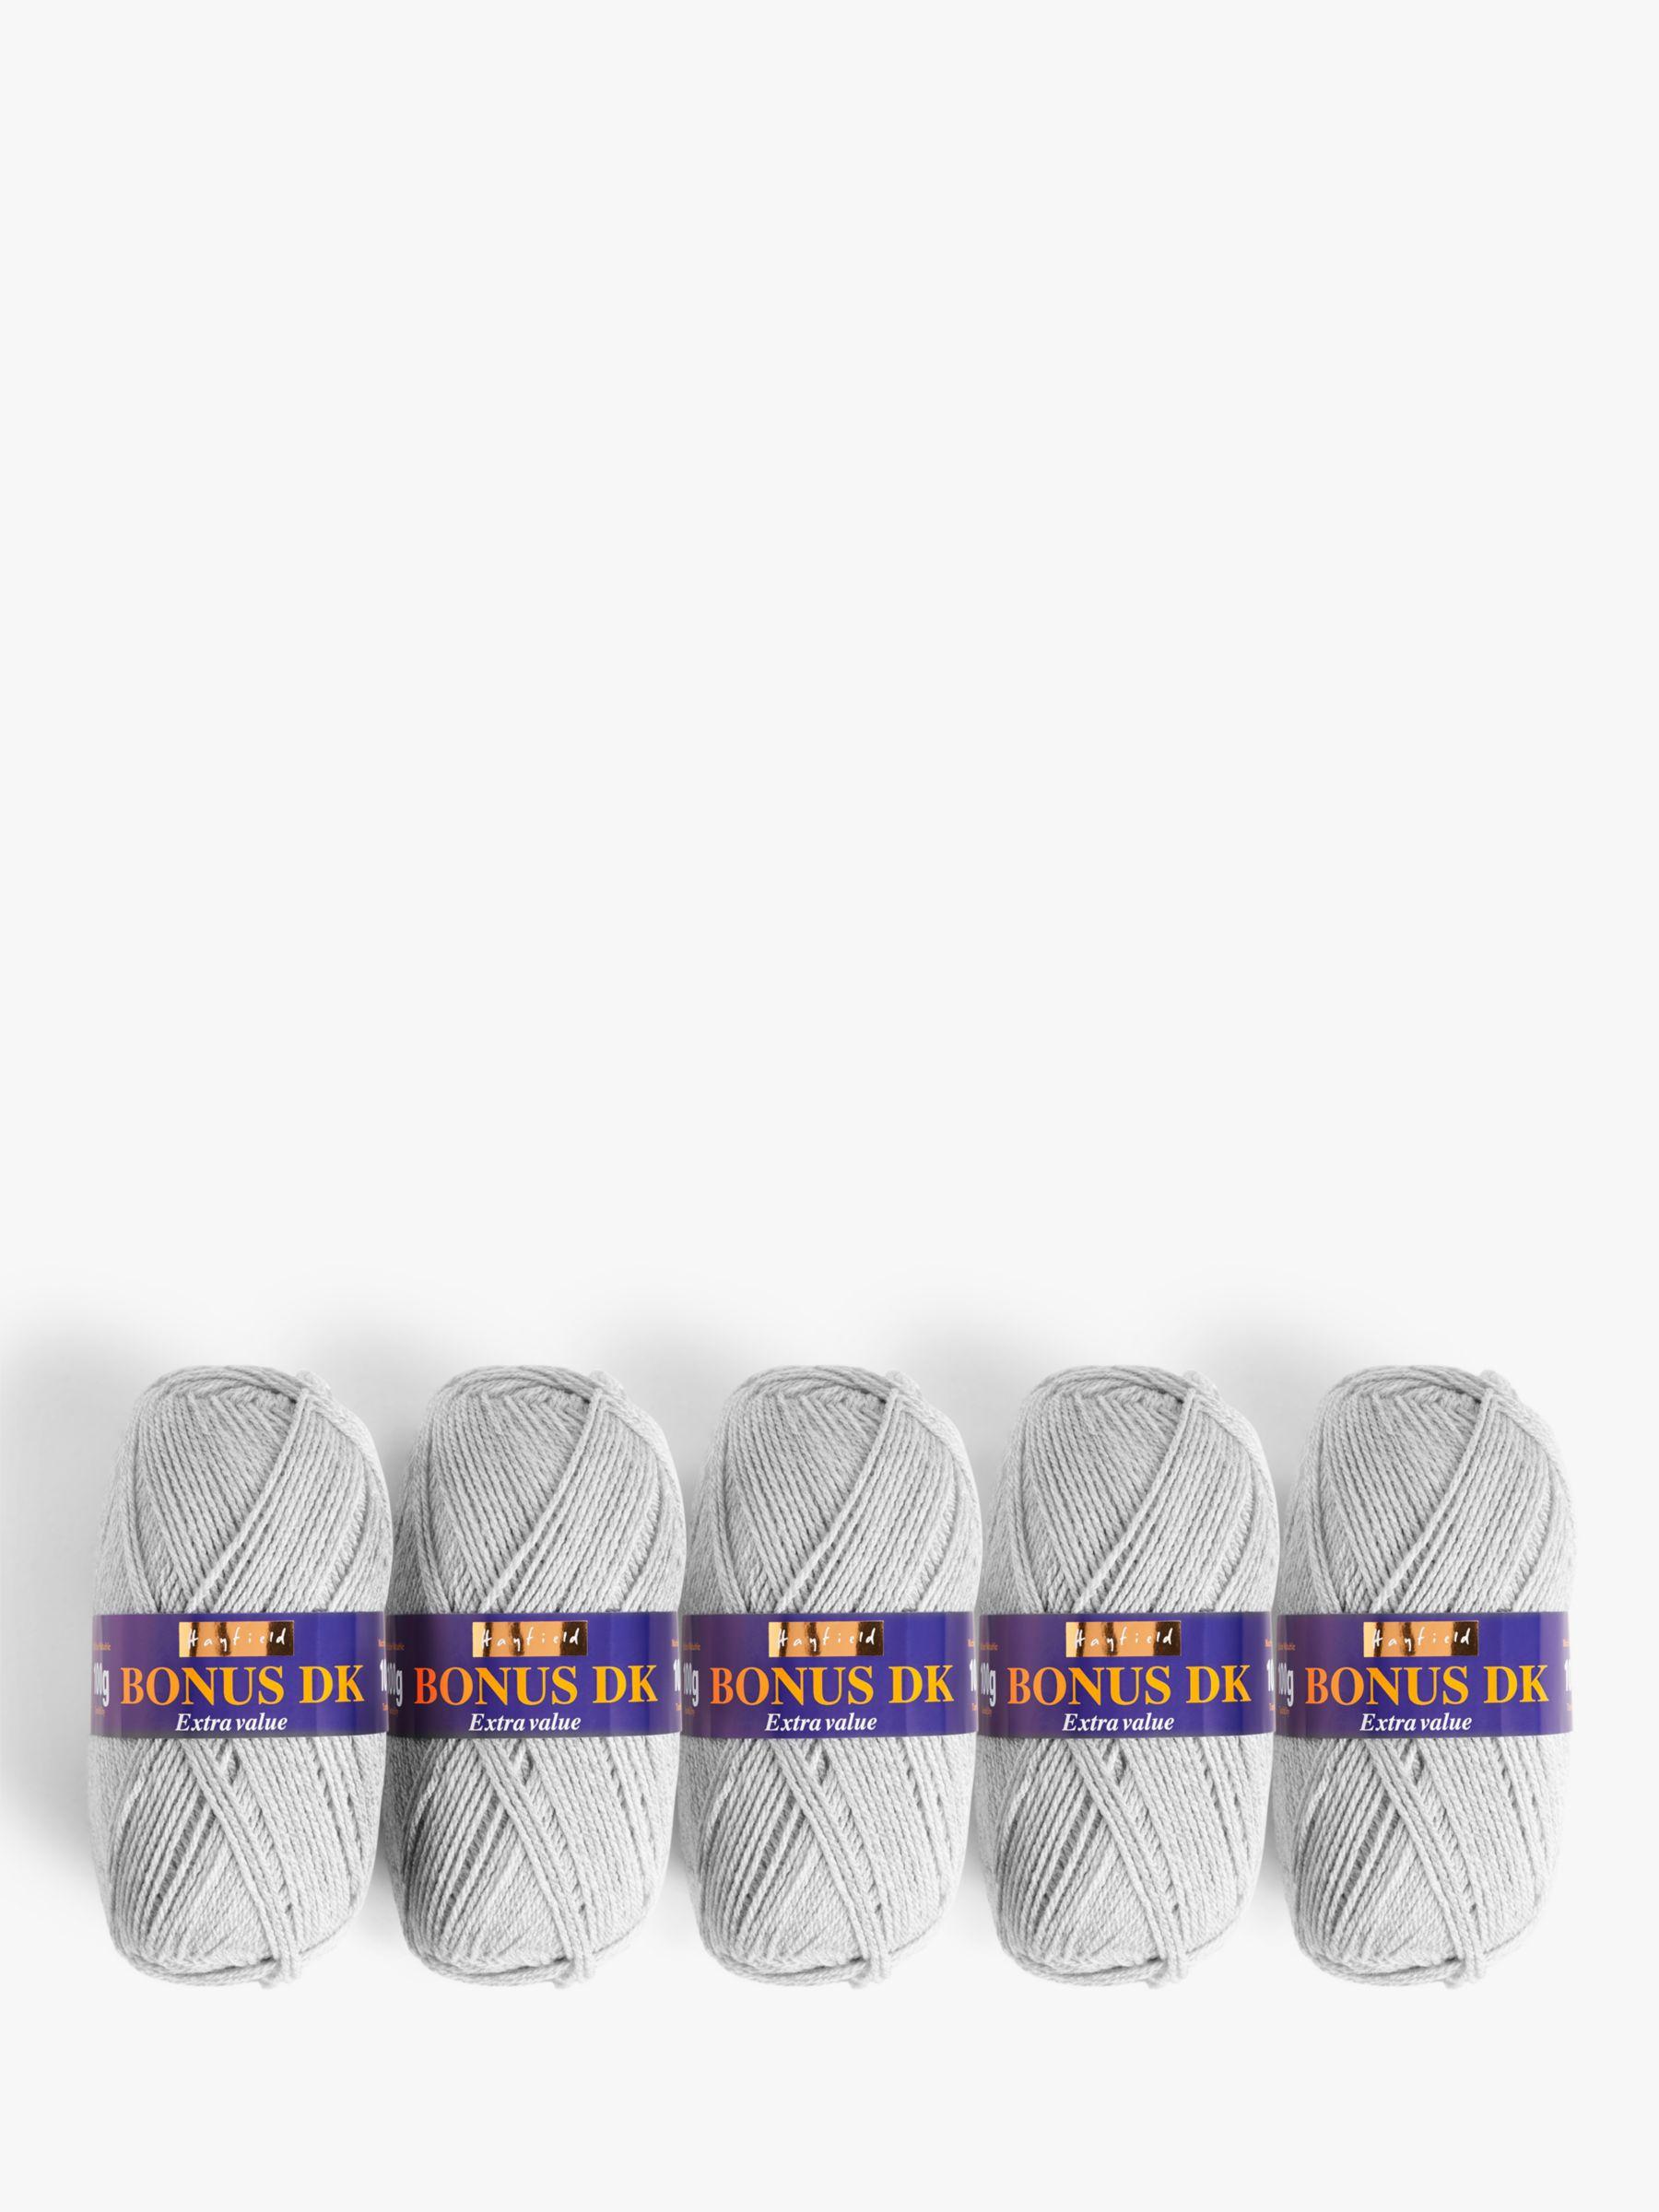 Sirdar Sirdar Bonus DK Yarn, 100g, Pack of 5